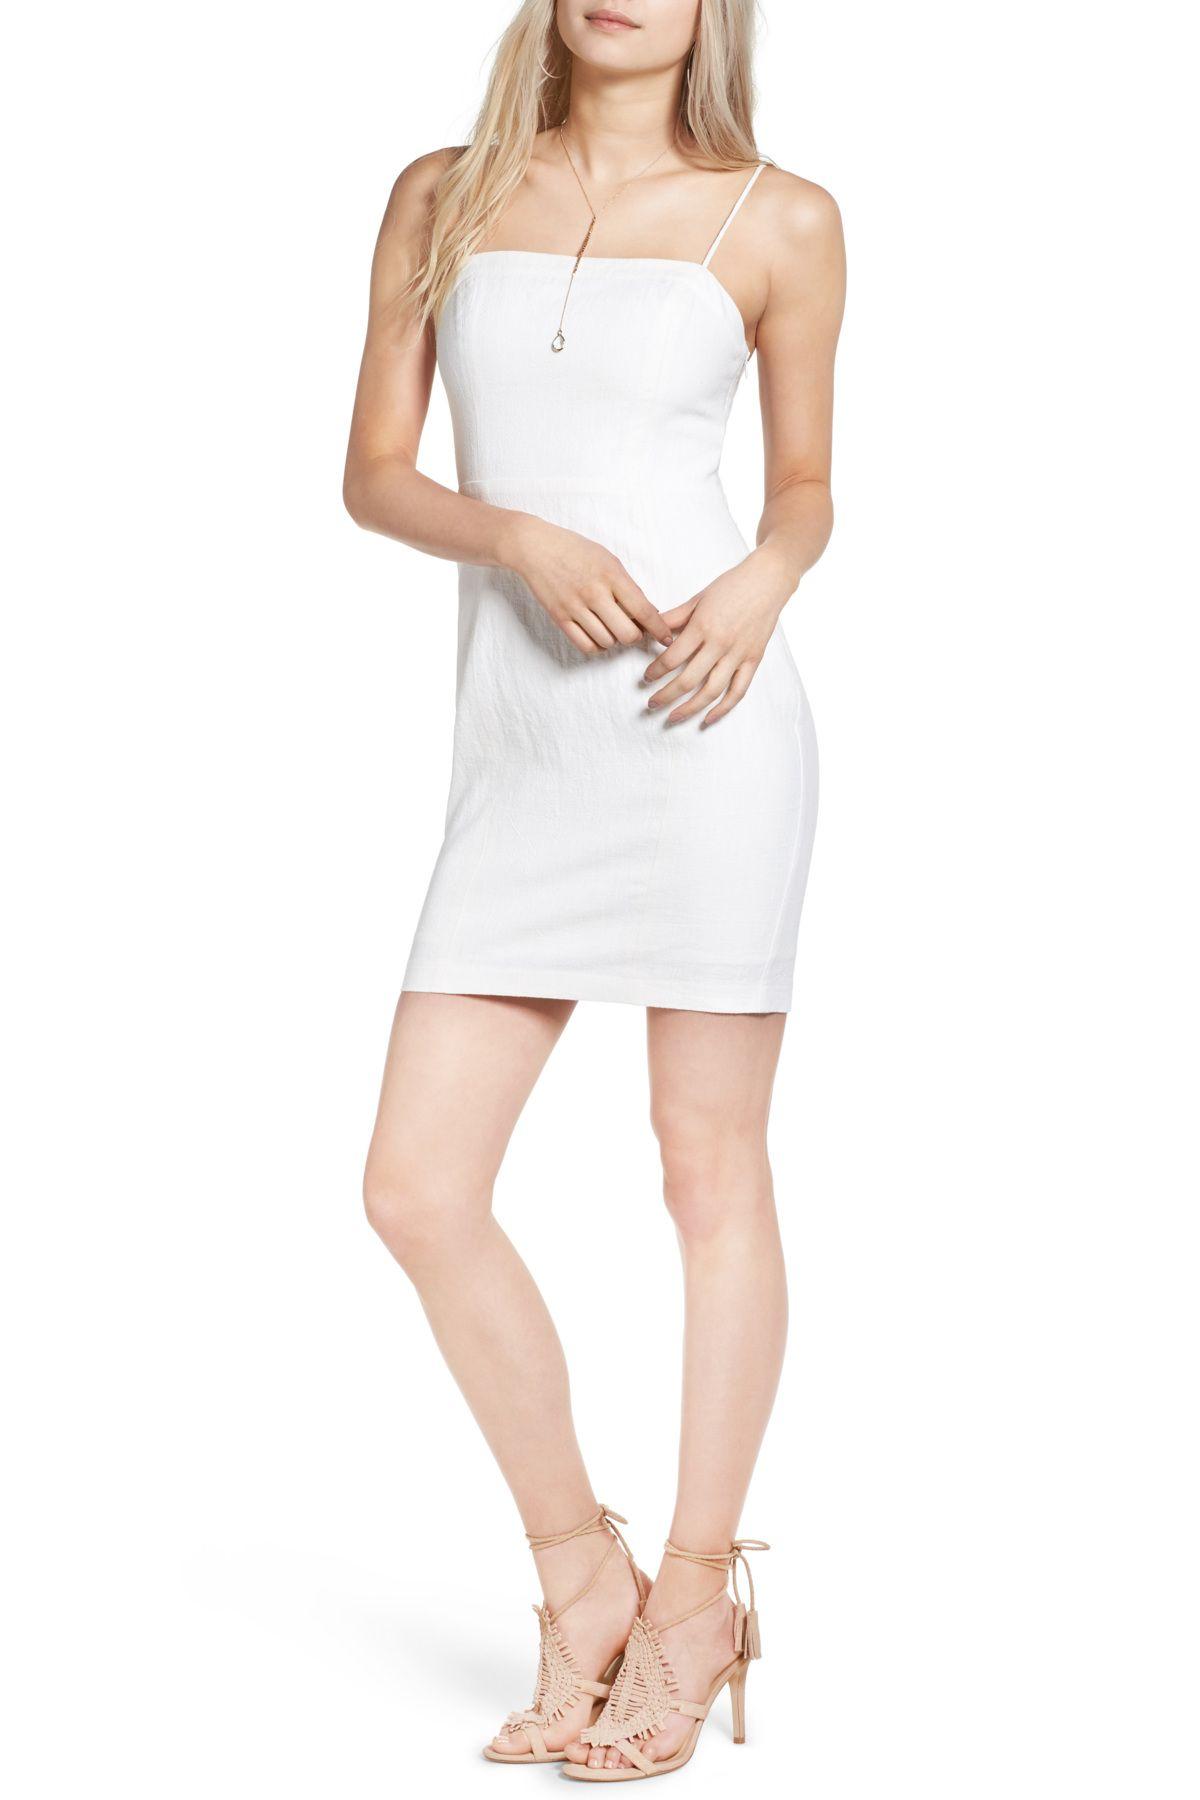 Astr The Label Linen Mini Dress Nordstrom Rack Mini Dress Linen Mini Dress Nordstrom Dresses [ 1800 x 1200 Pixel ]